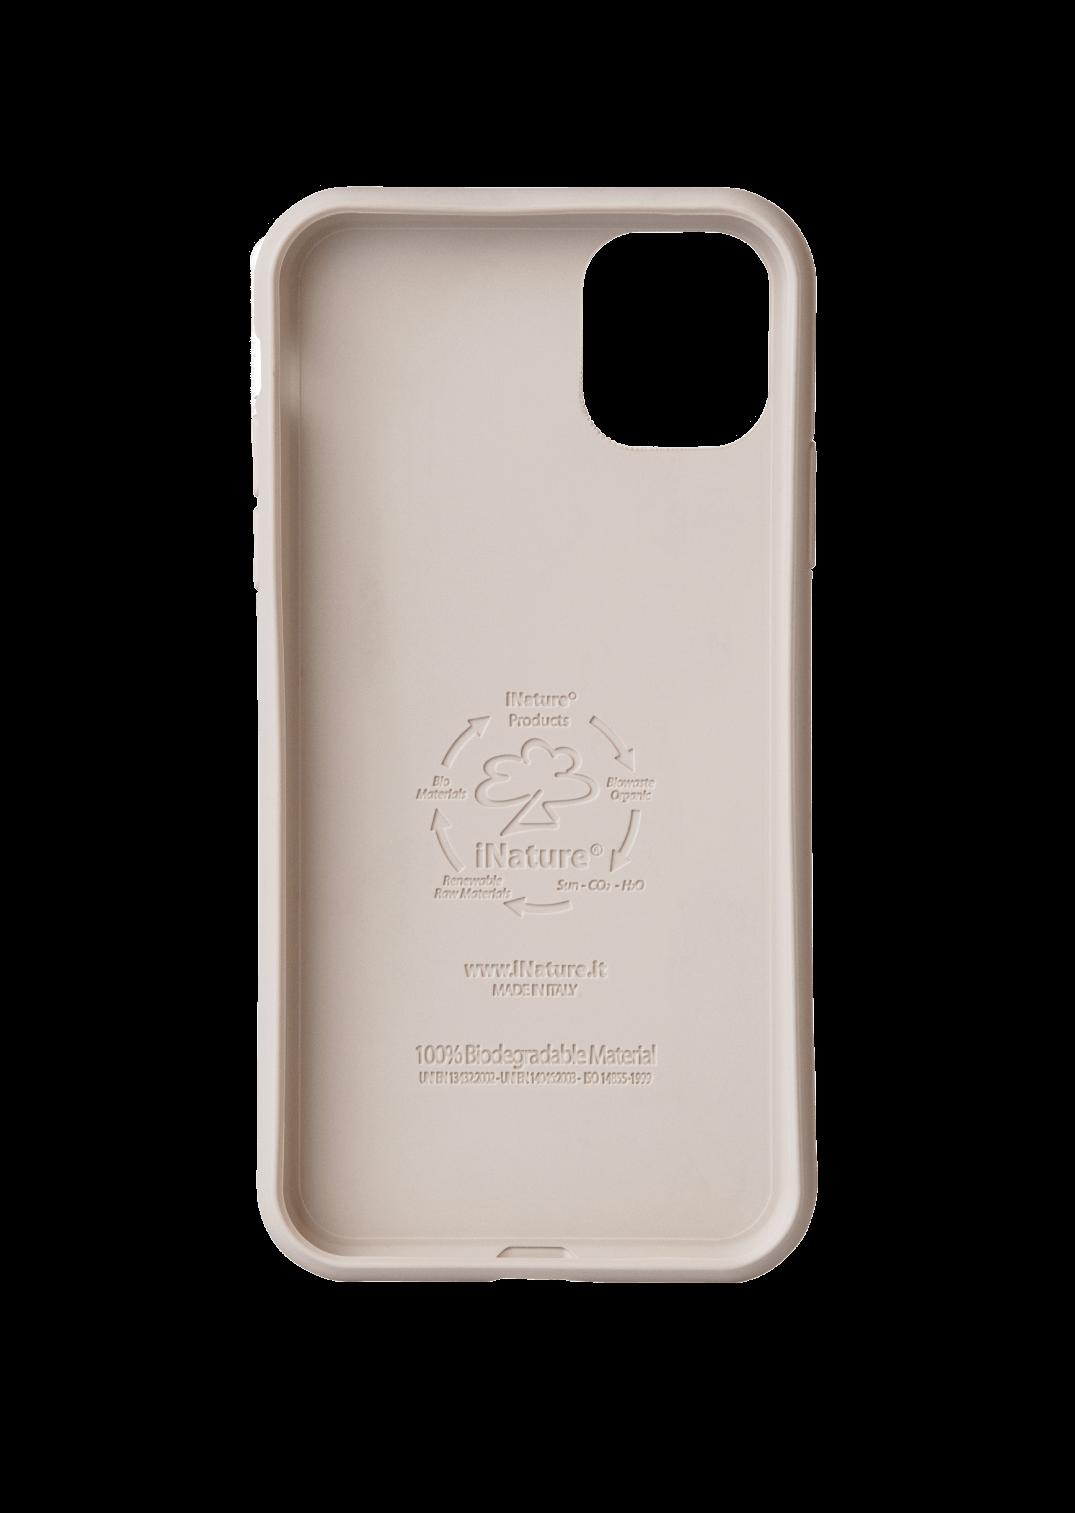 puro-inature-custodie-iphone-eco-friendly-stampaggio-6